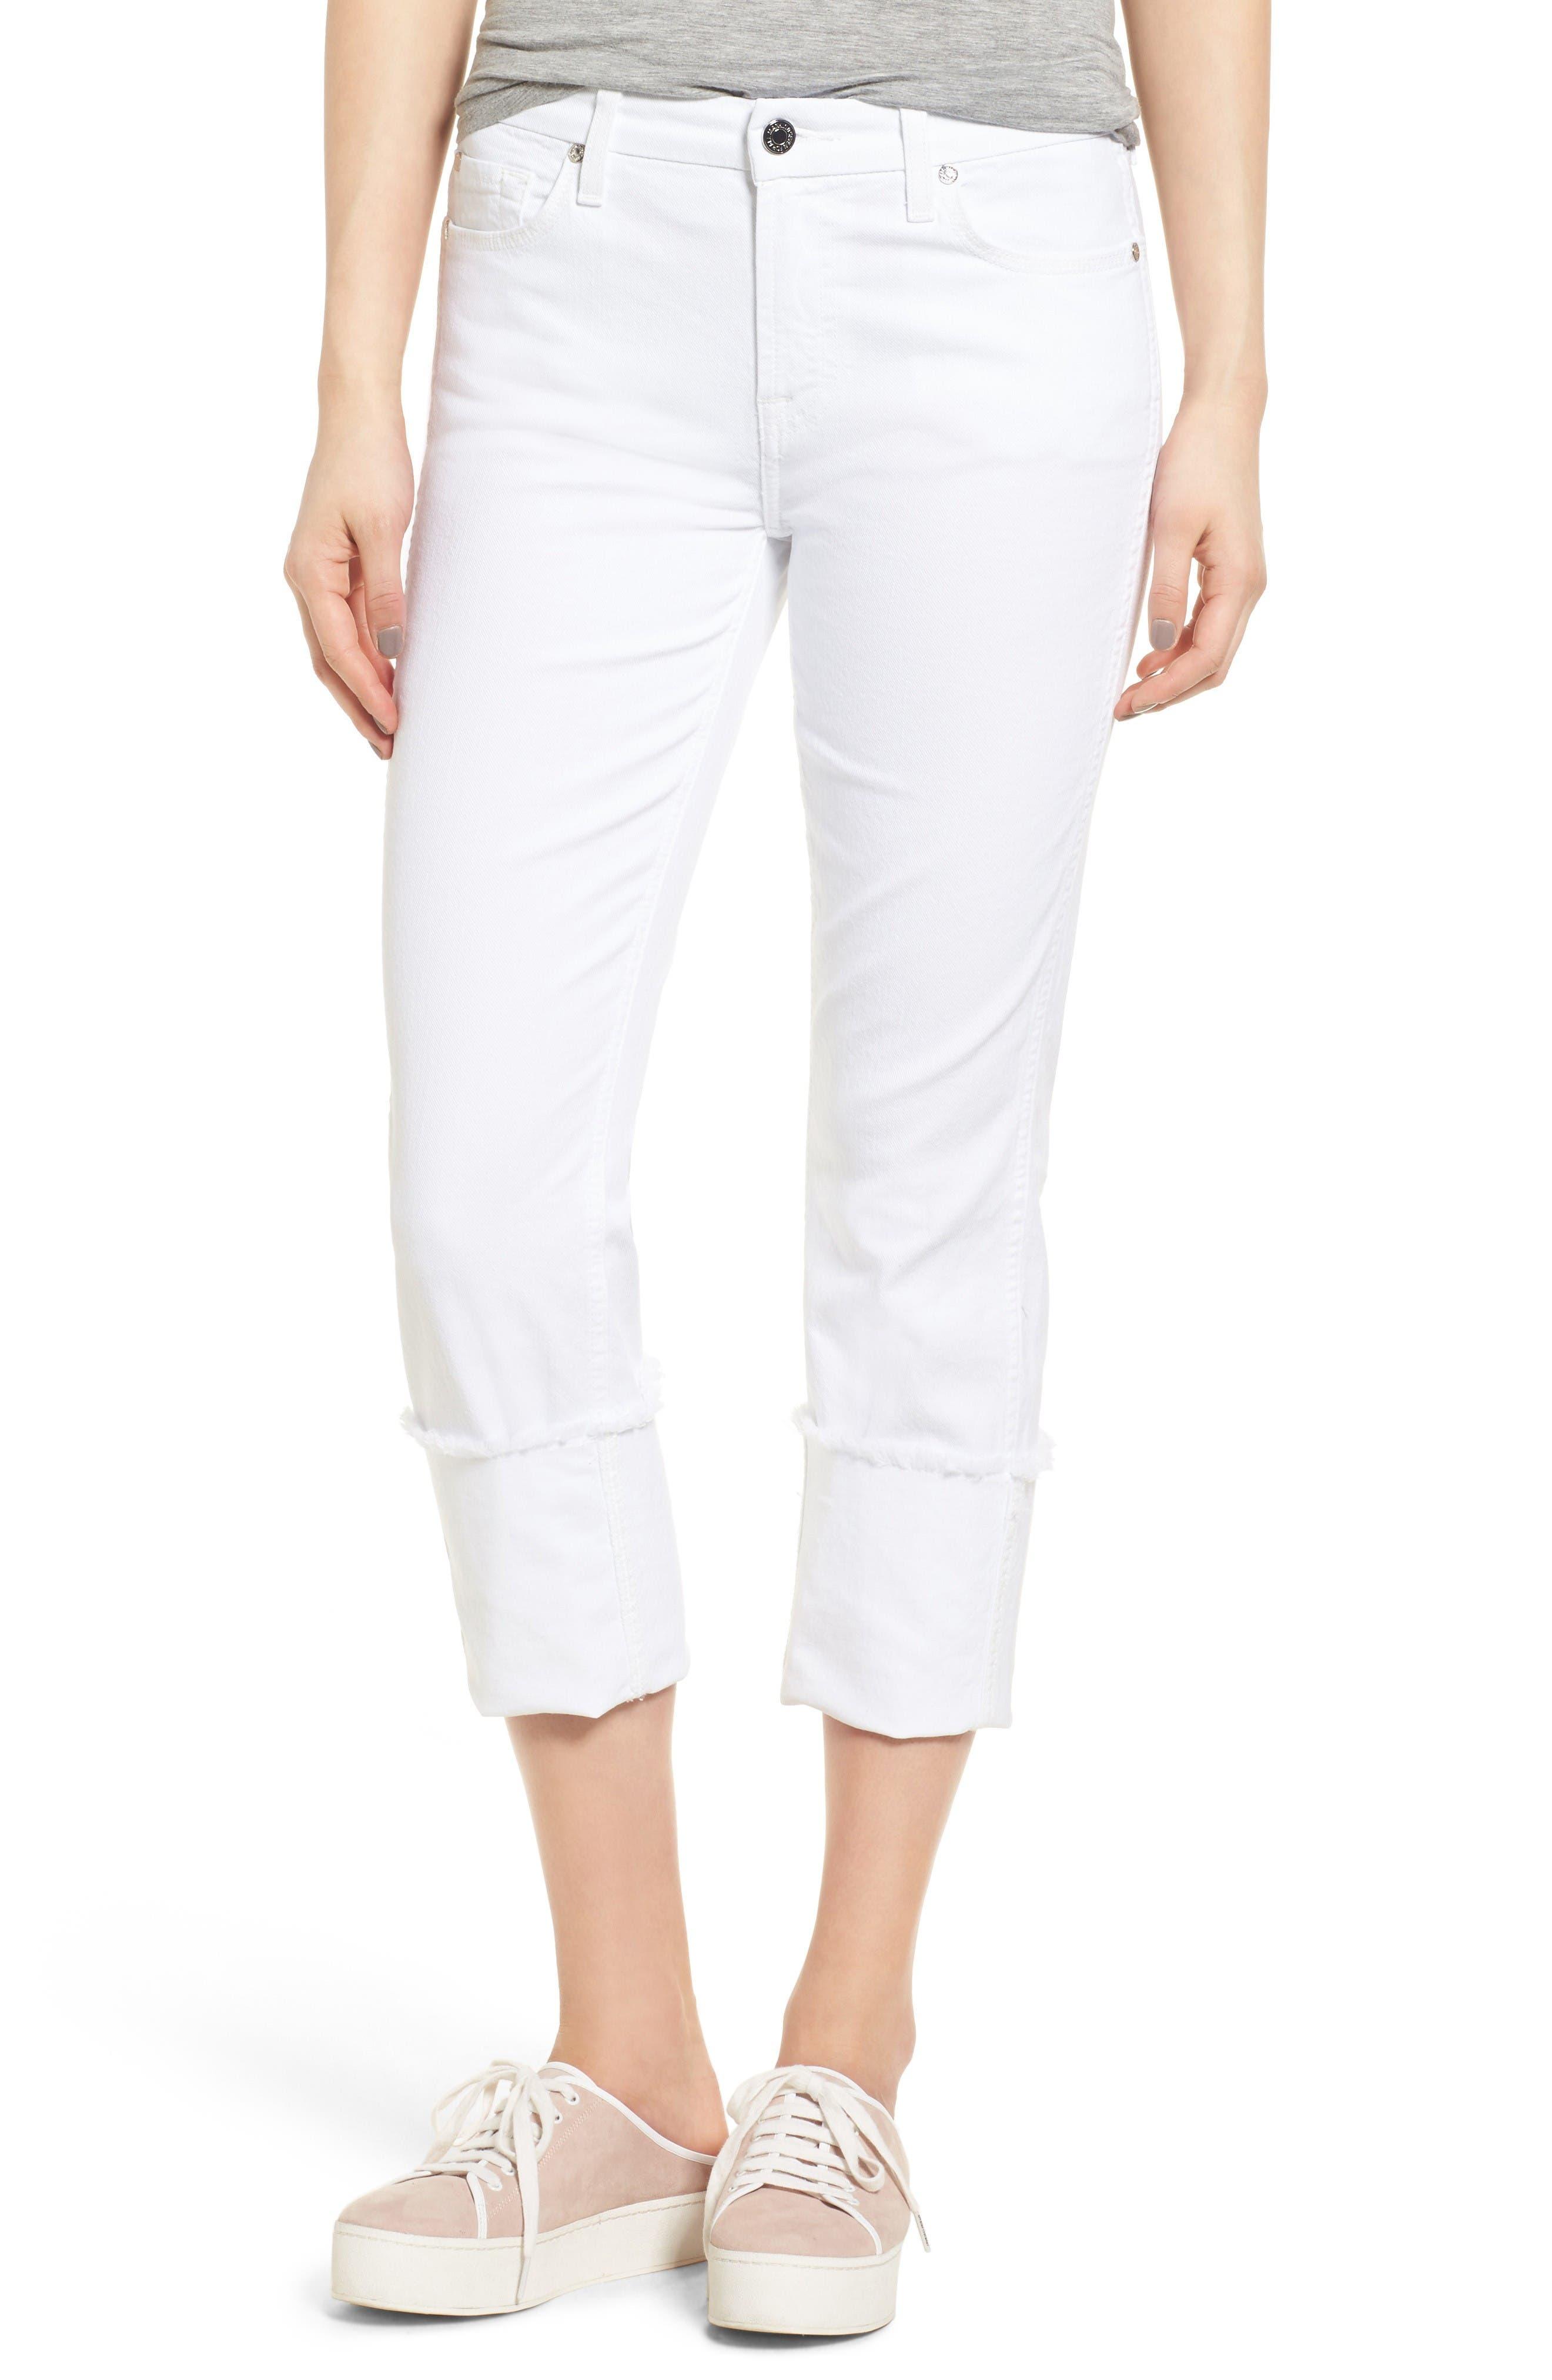 Fashion Boyfriend Raw Cuffed Jeans,                             Main thumbnail 1, color,                             White Fashion